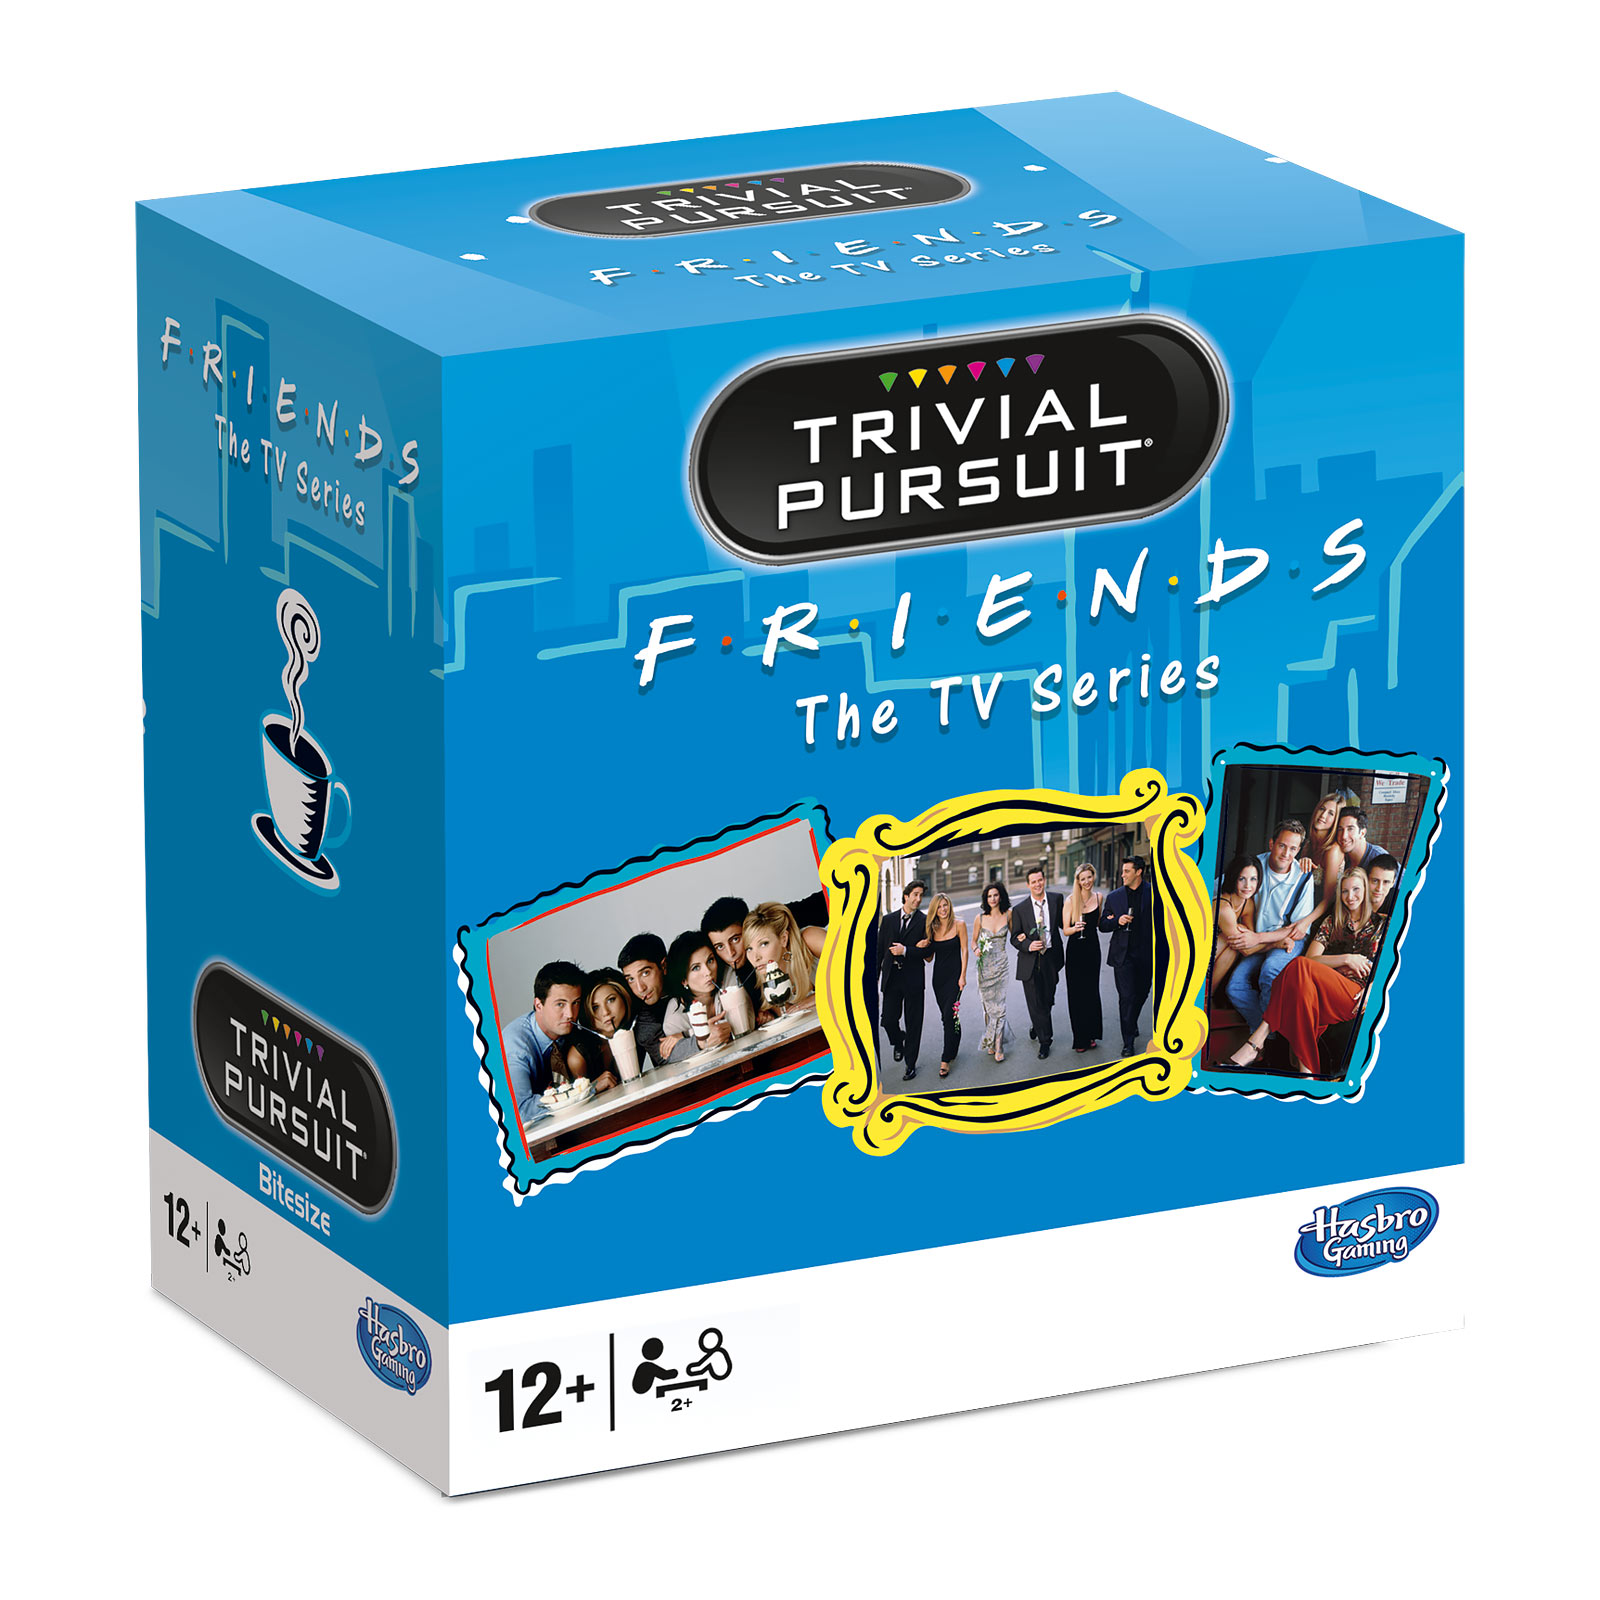 Friends - Trivial Pursuit